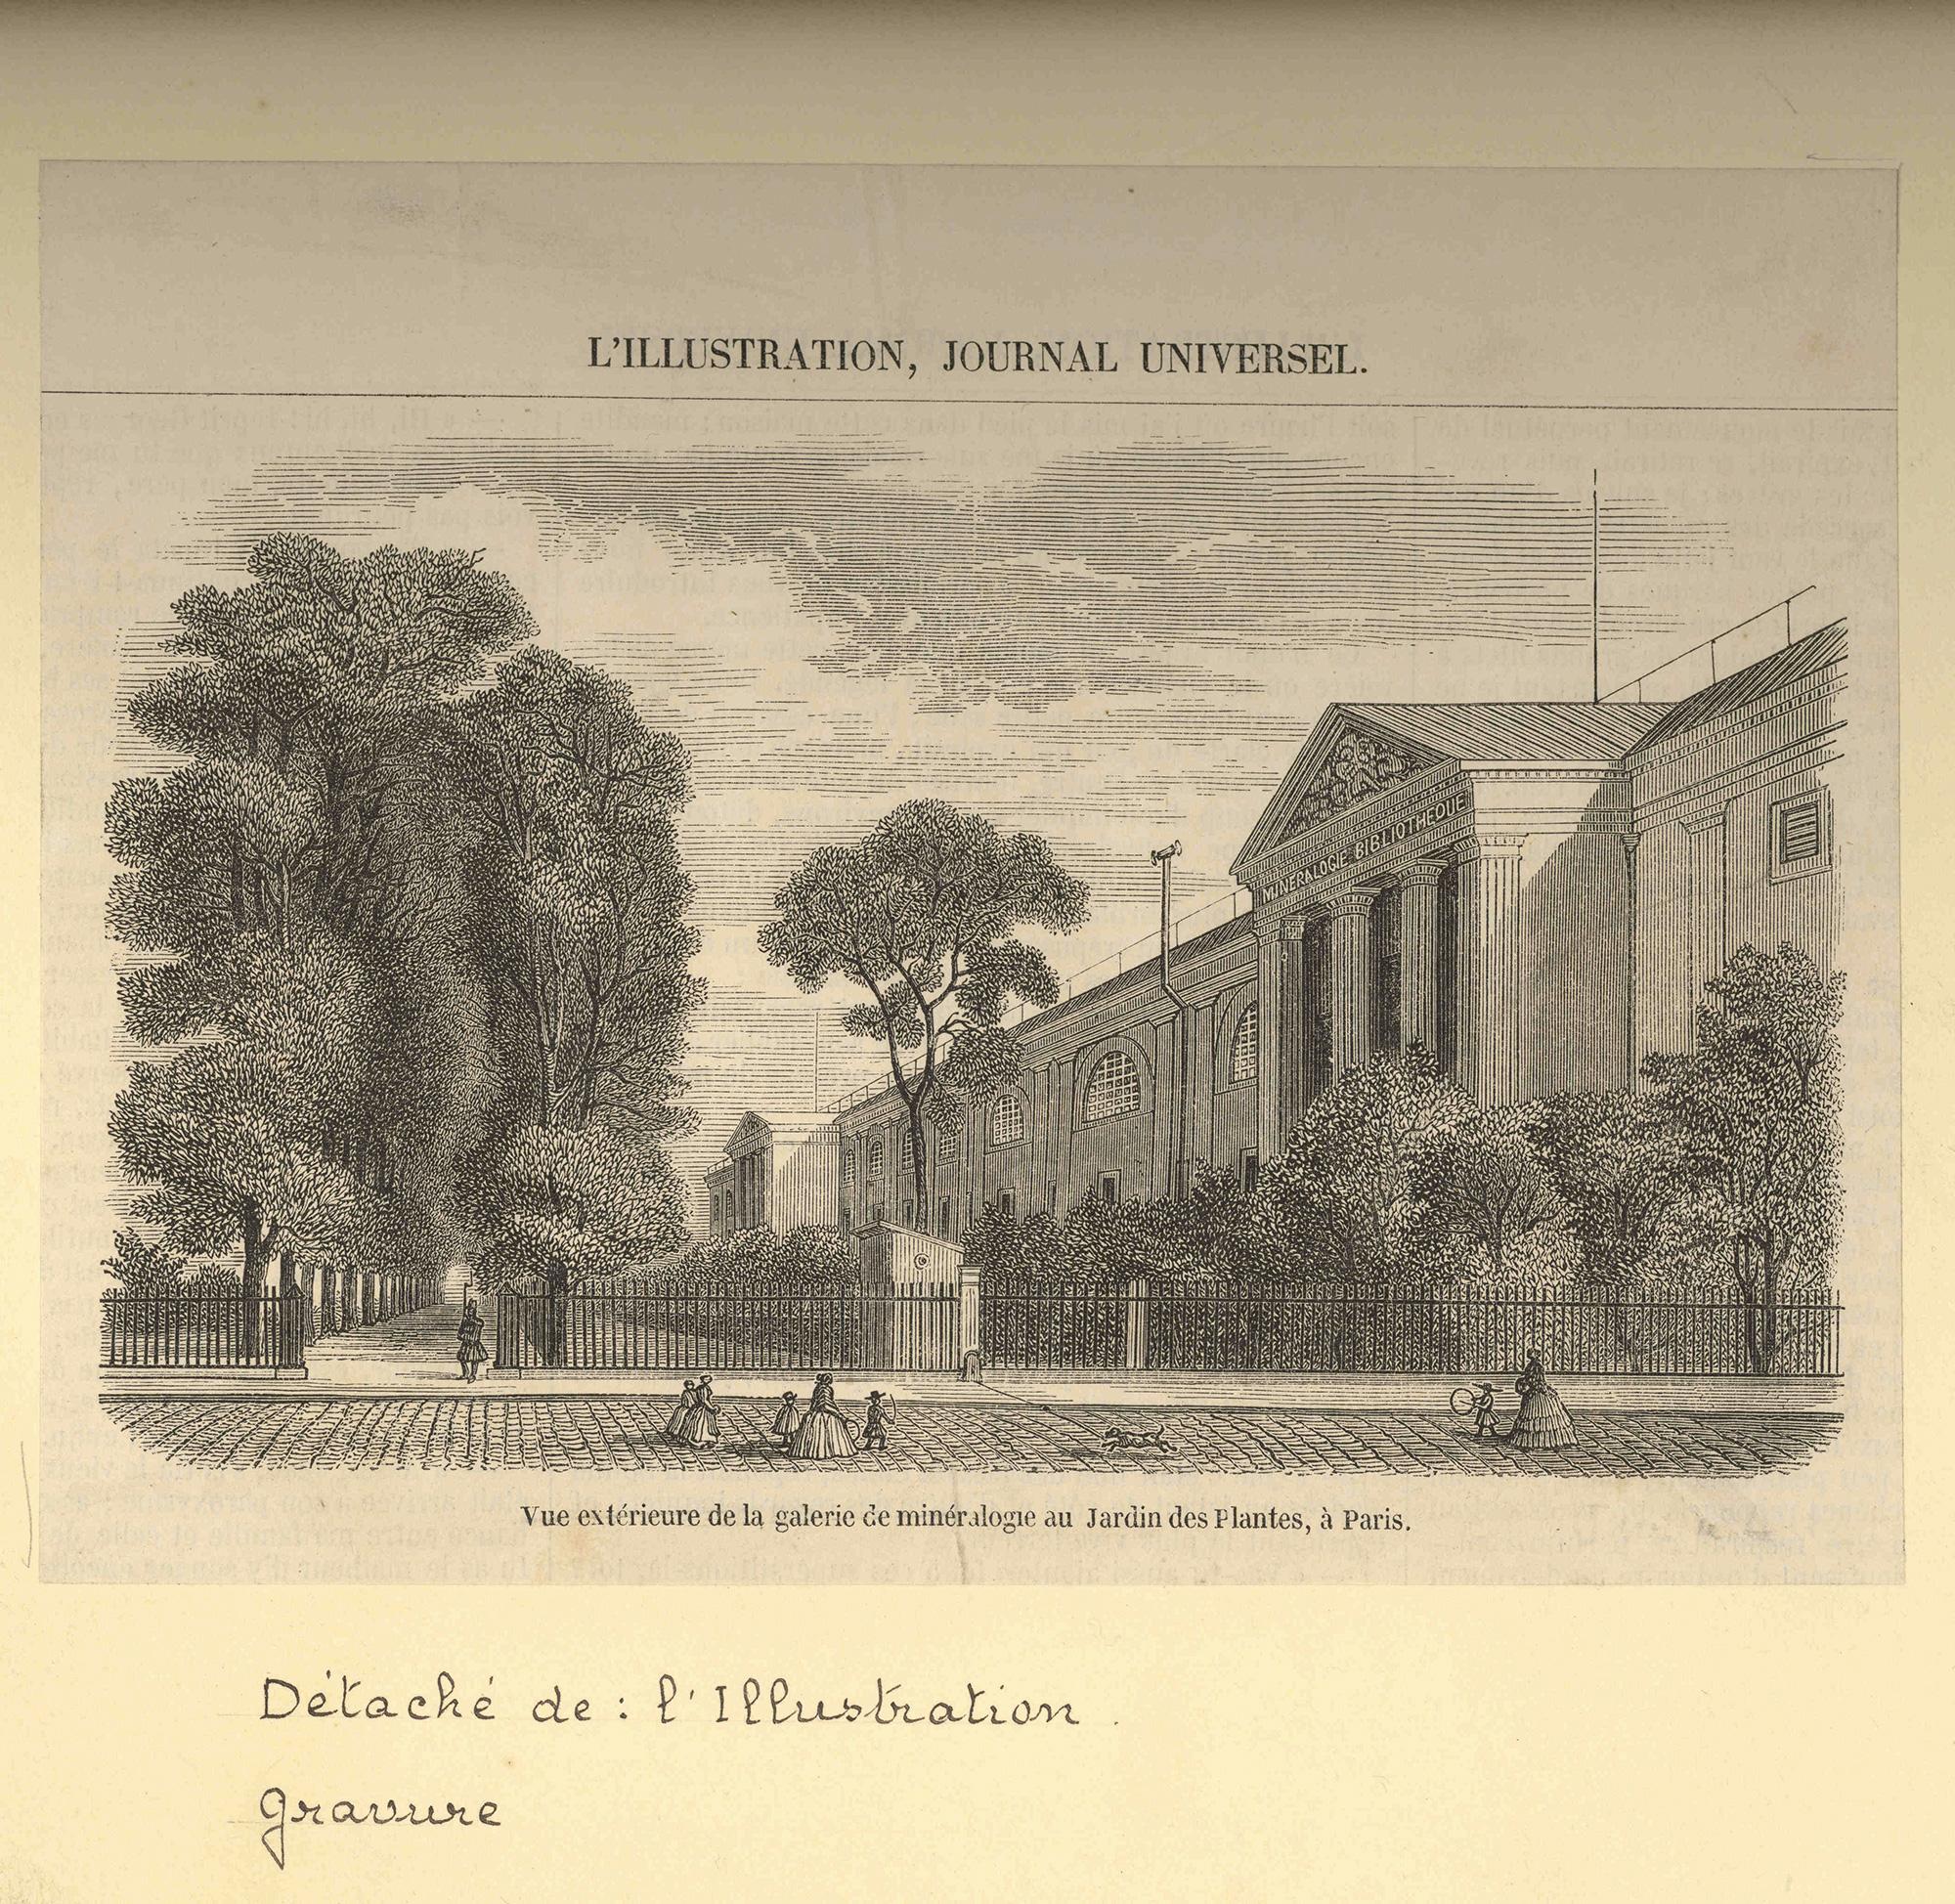 Photo De Galerie Exterieur history of the galerie de minéralogie (mineralogy gallery